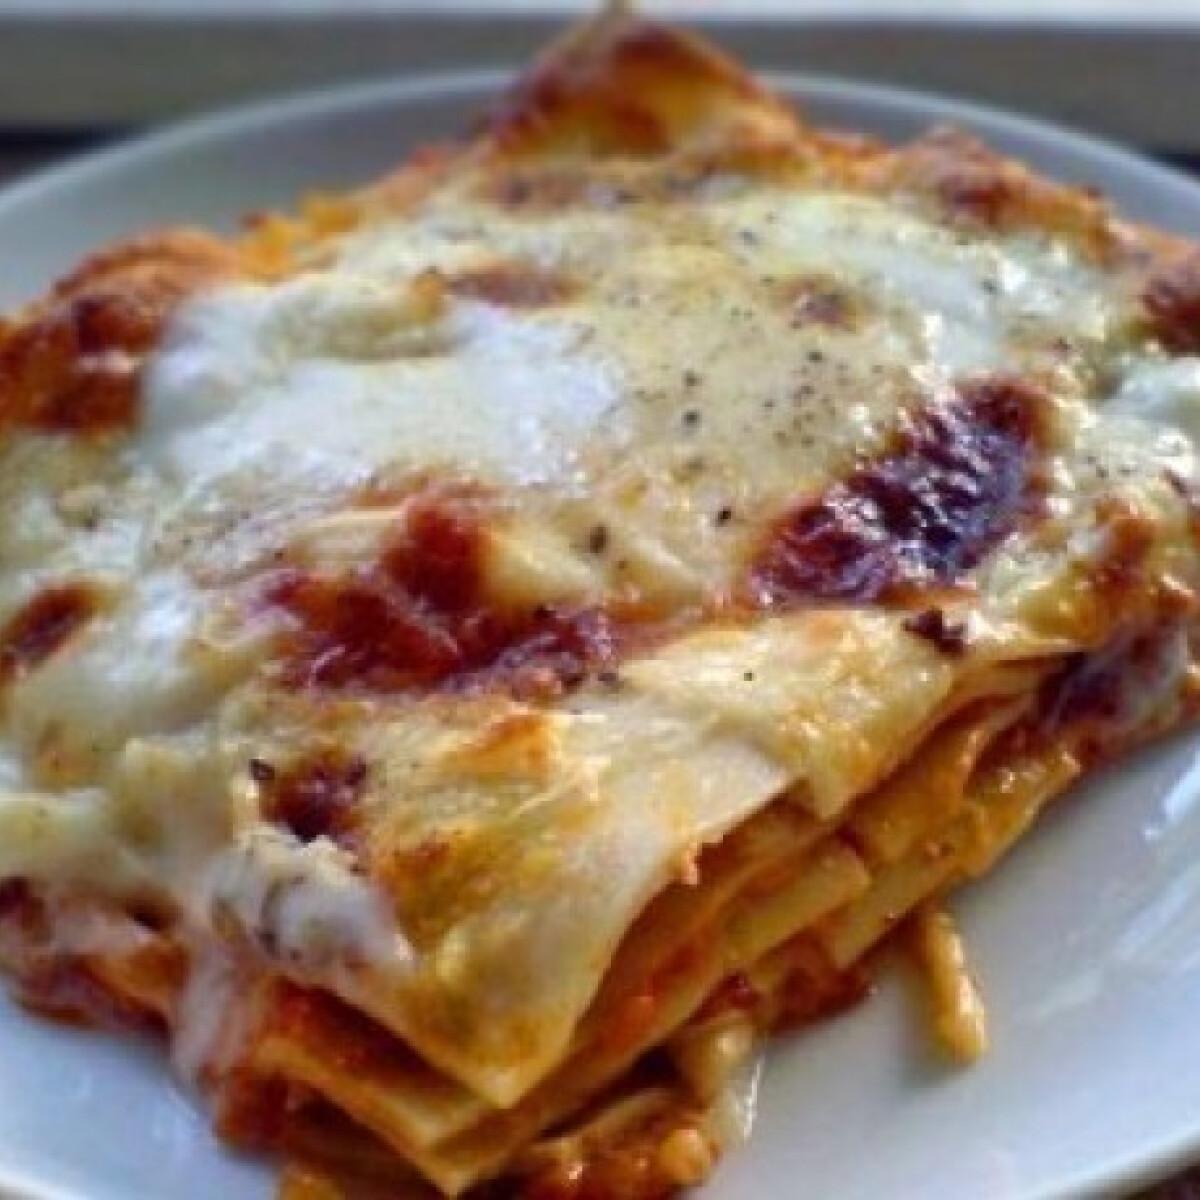 Ezen a képen: Lasagne 5. - bolognai mártásból